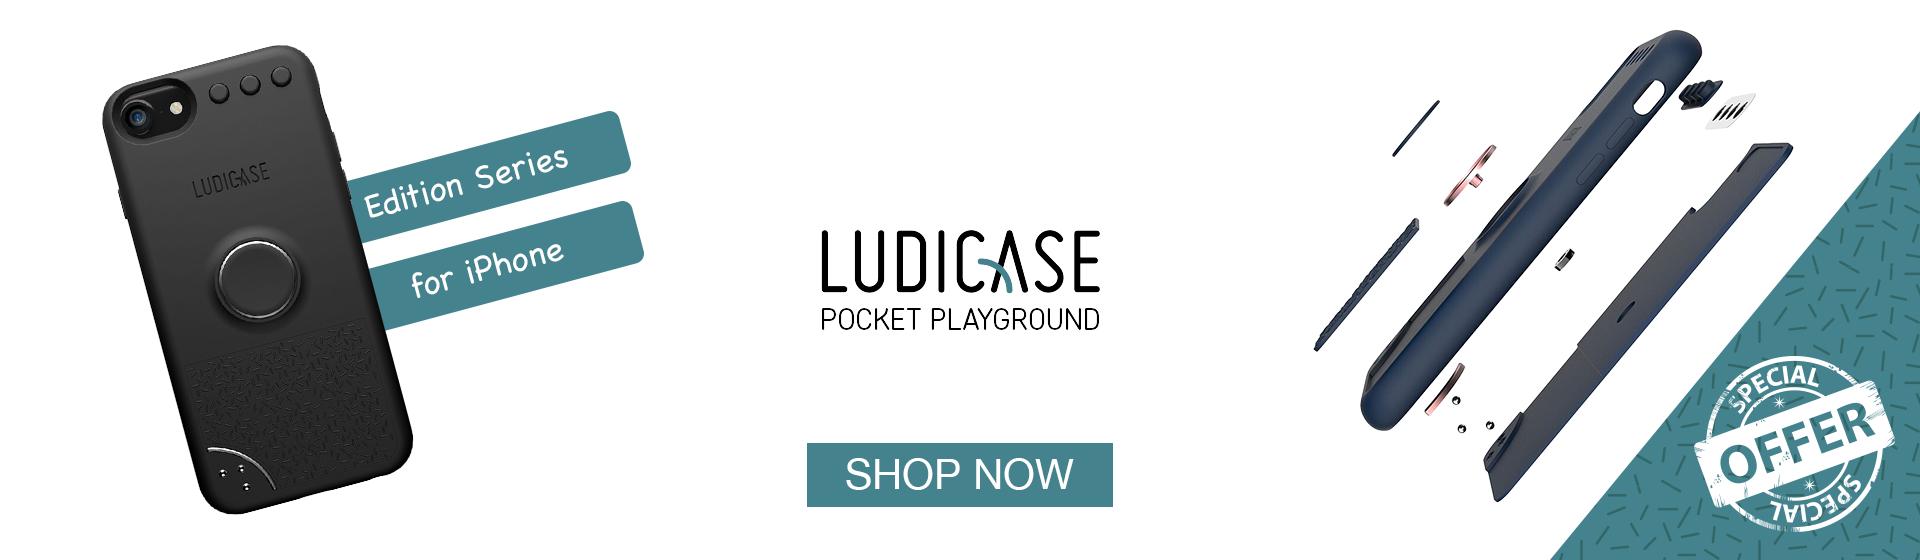 Ludicase